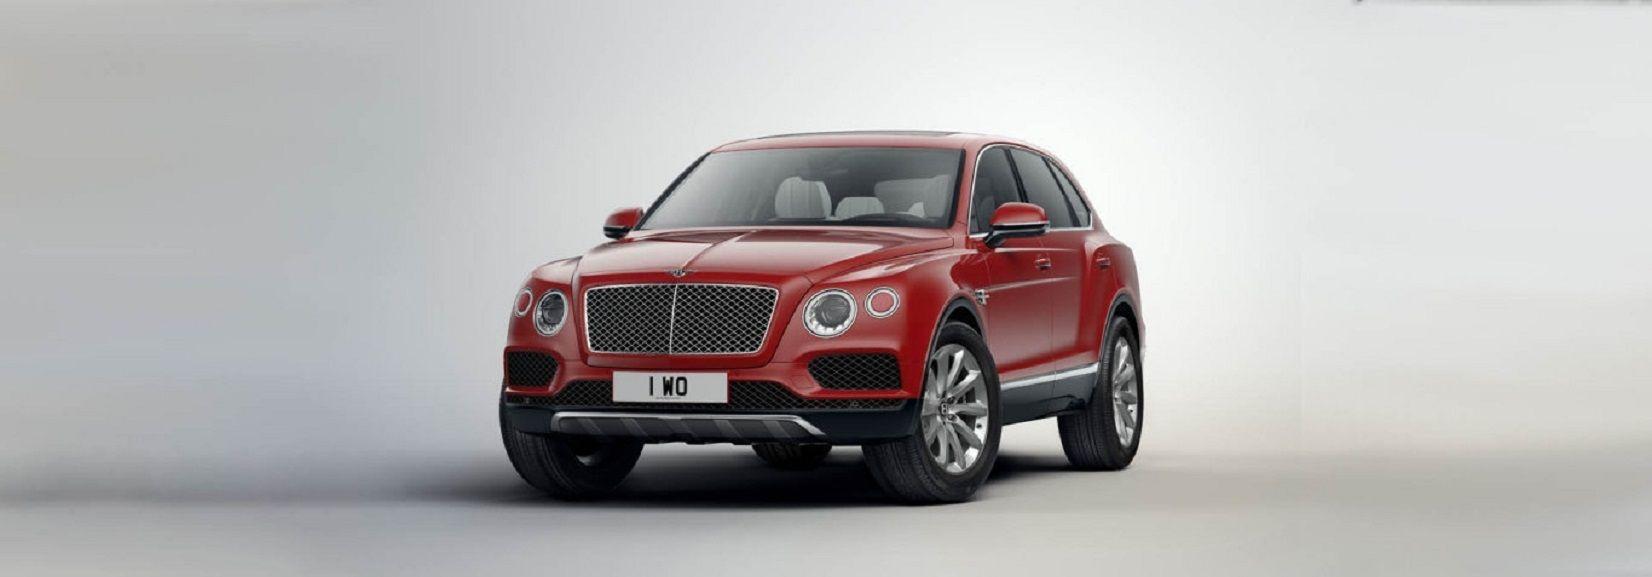 Bentley prepara un interior sin cuero de animal - Crédito: www.bentleymotors.com